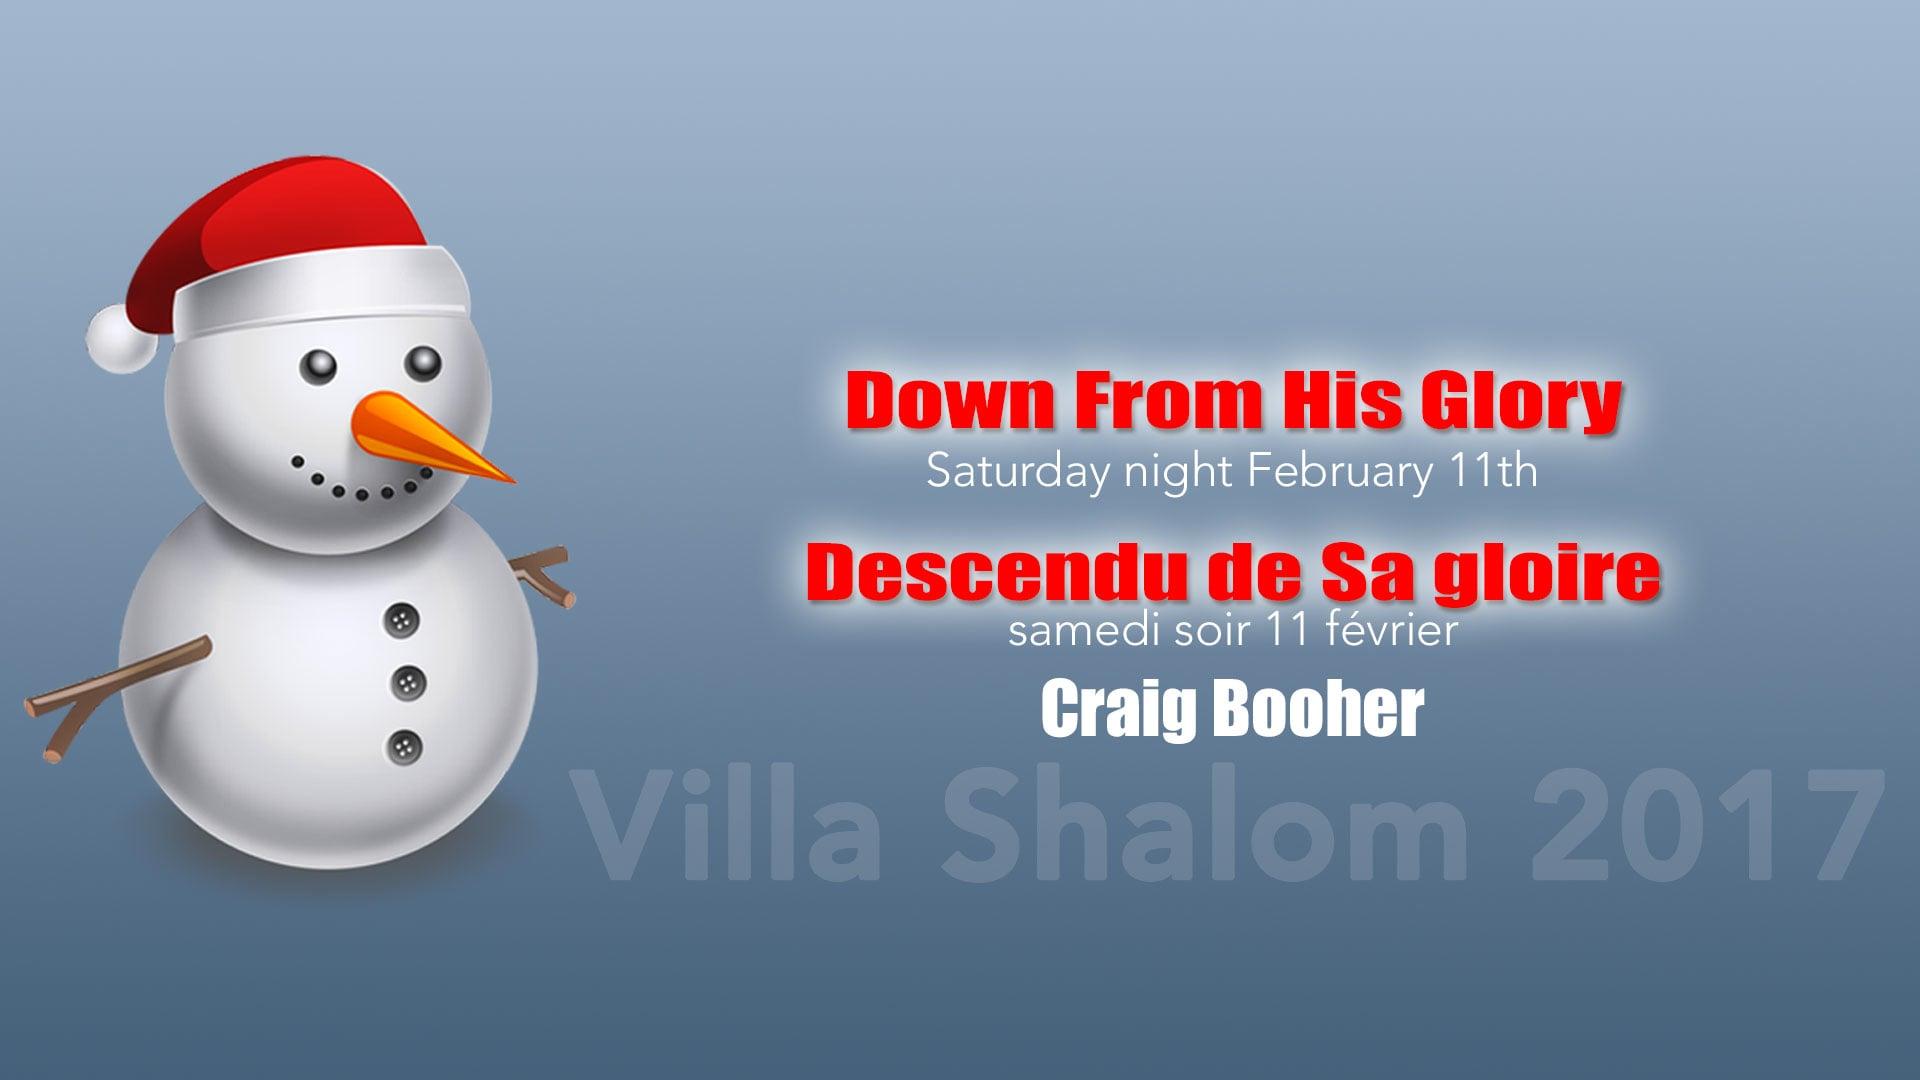 2017-02-11 pm - Descendu de Sa gloire   Down From His Glory